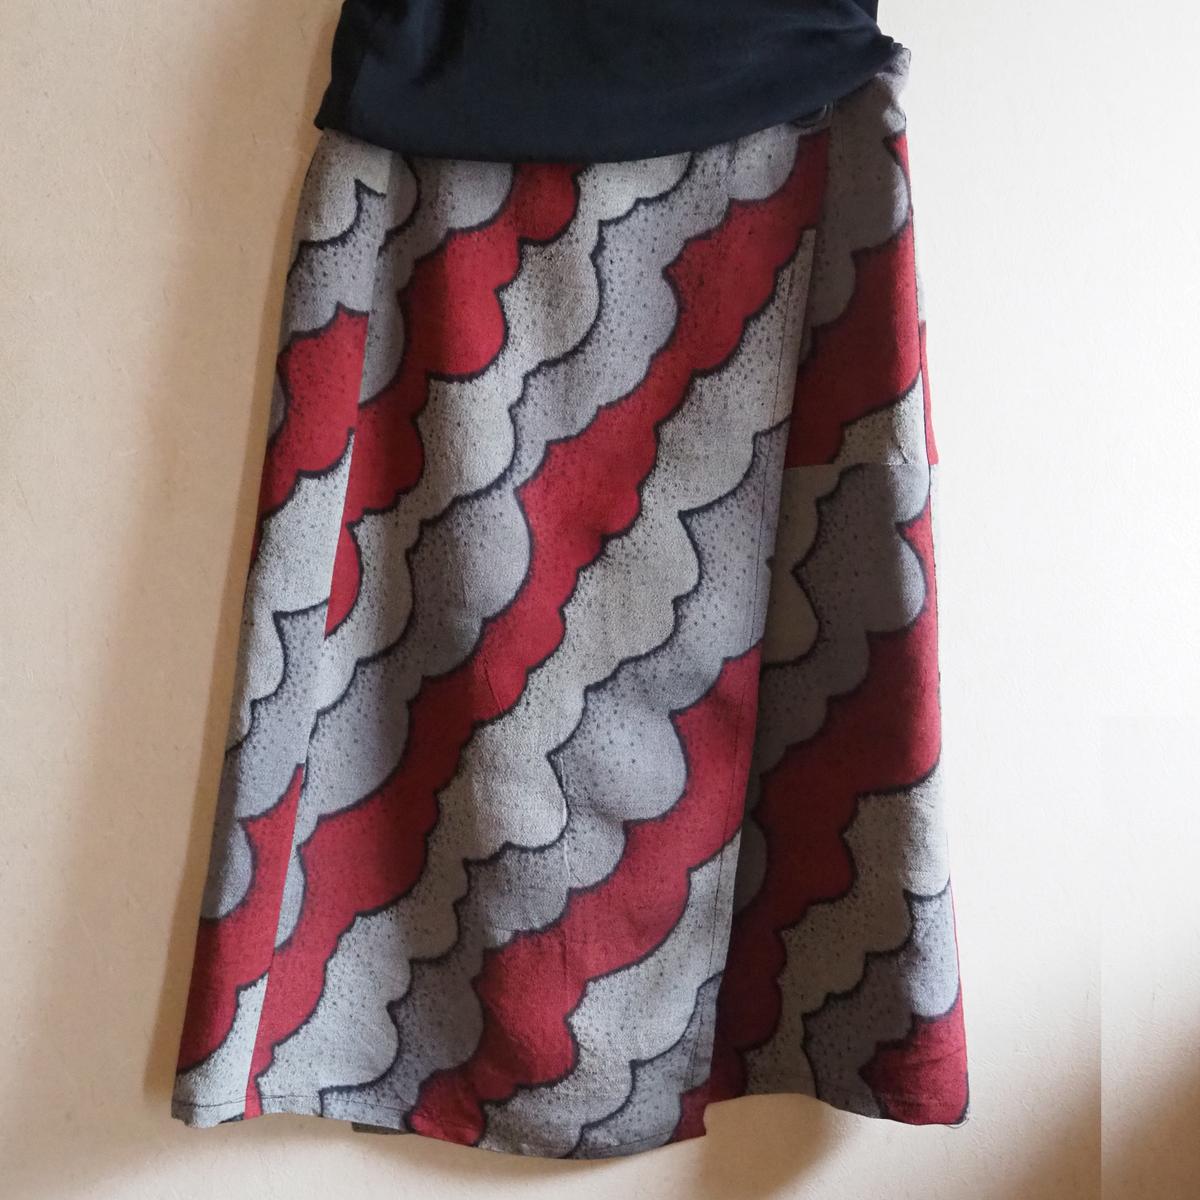 アンティーク雲模様のモダンな美ラインラップスカート